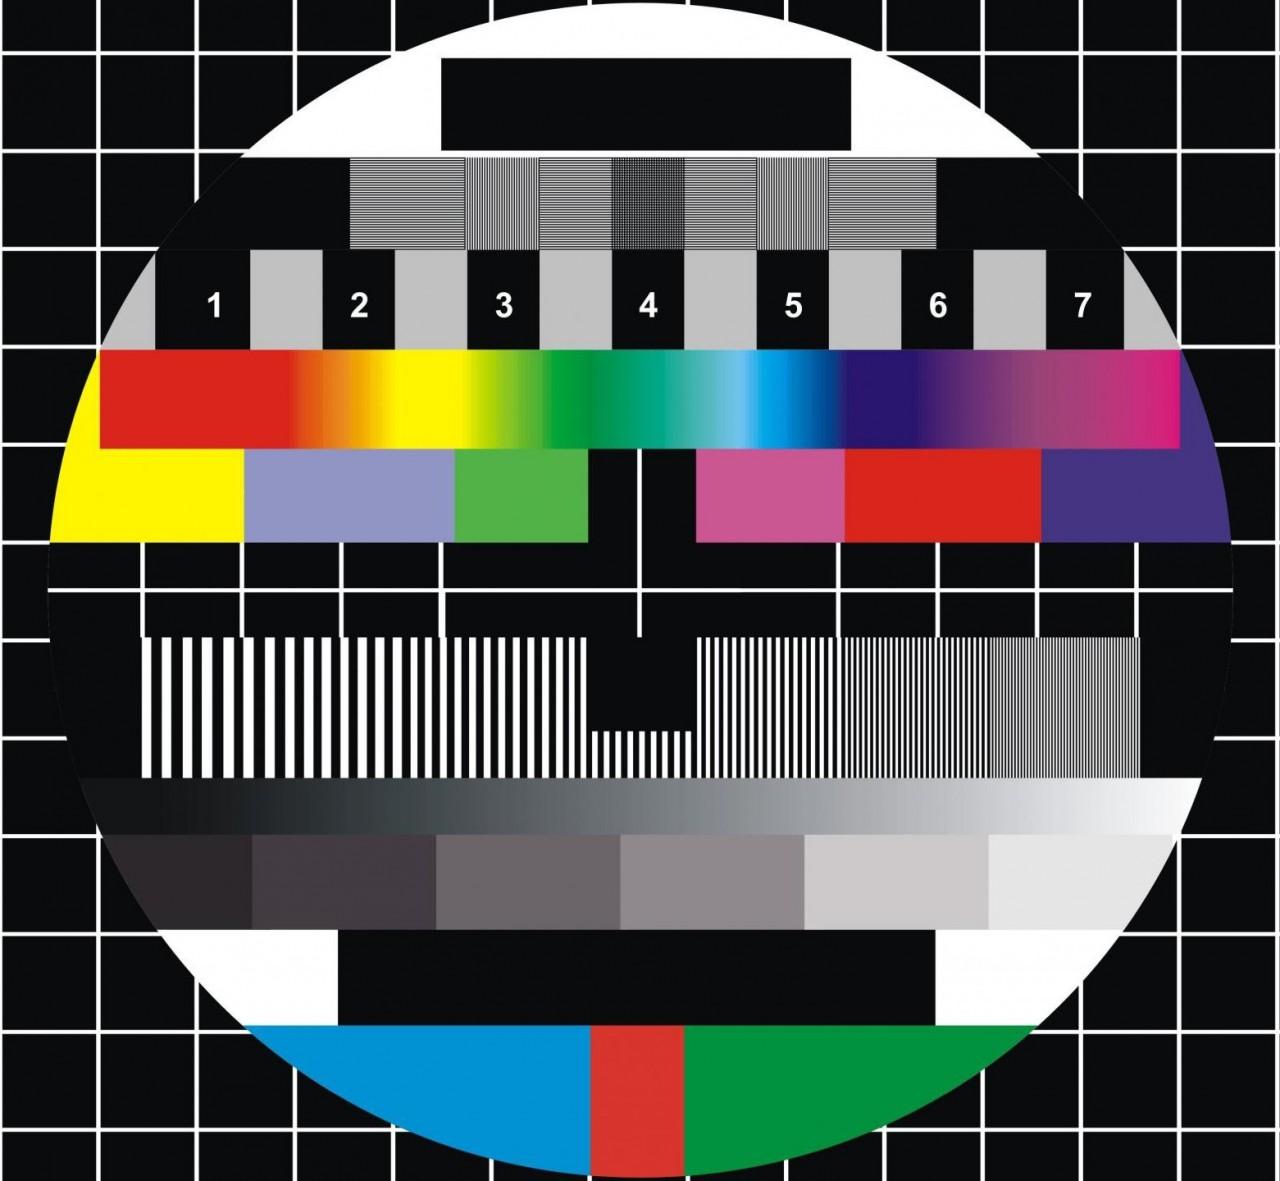 Вот тут происходят изменения, появляется цвет... Советские песни часть 8,9,10 (Хиты 1976-1977) Песни СССР